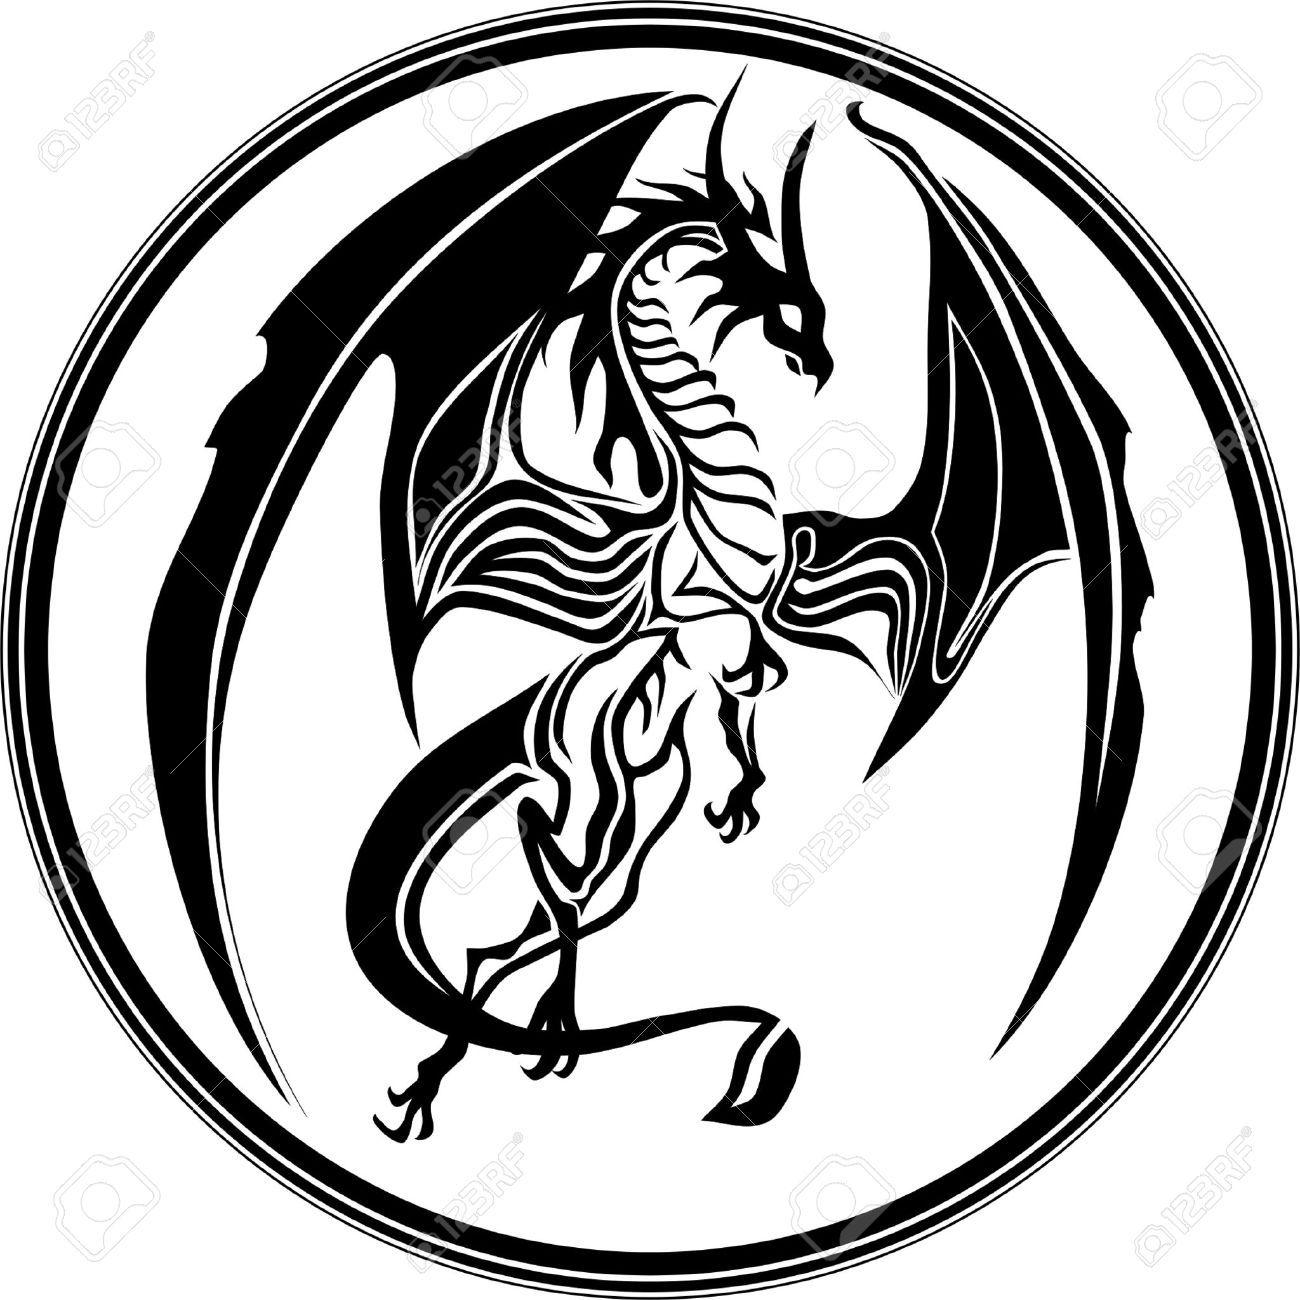 12802721 dragon tribal like stock vector tattoog 13001300 12802721 dragon tribal like stock vector tattoog 1300 ccuart Images